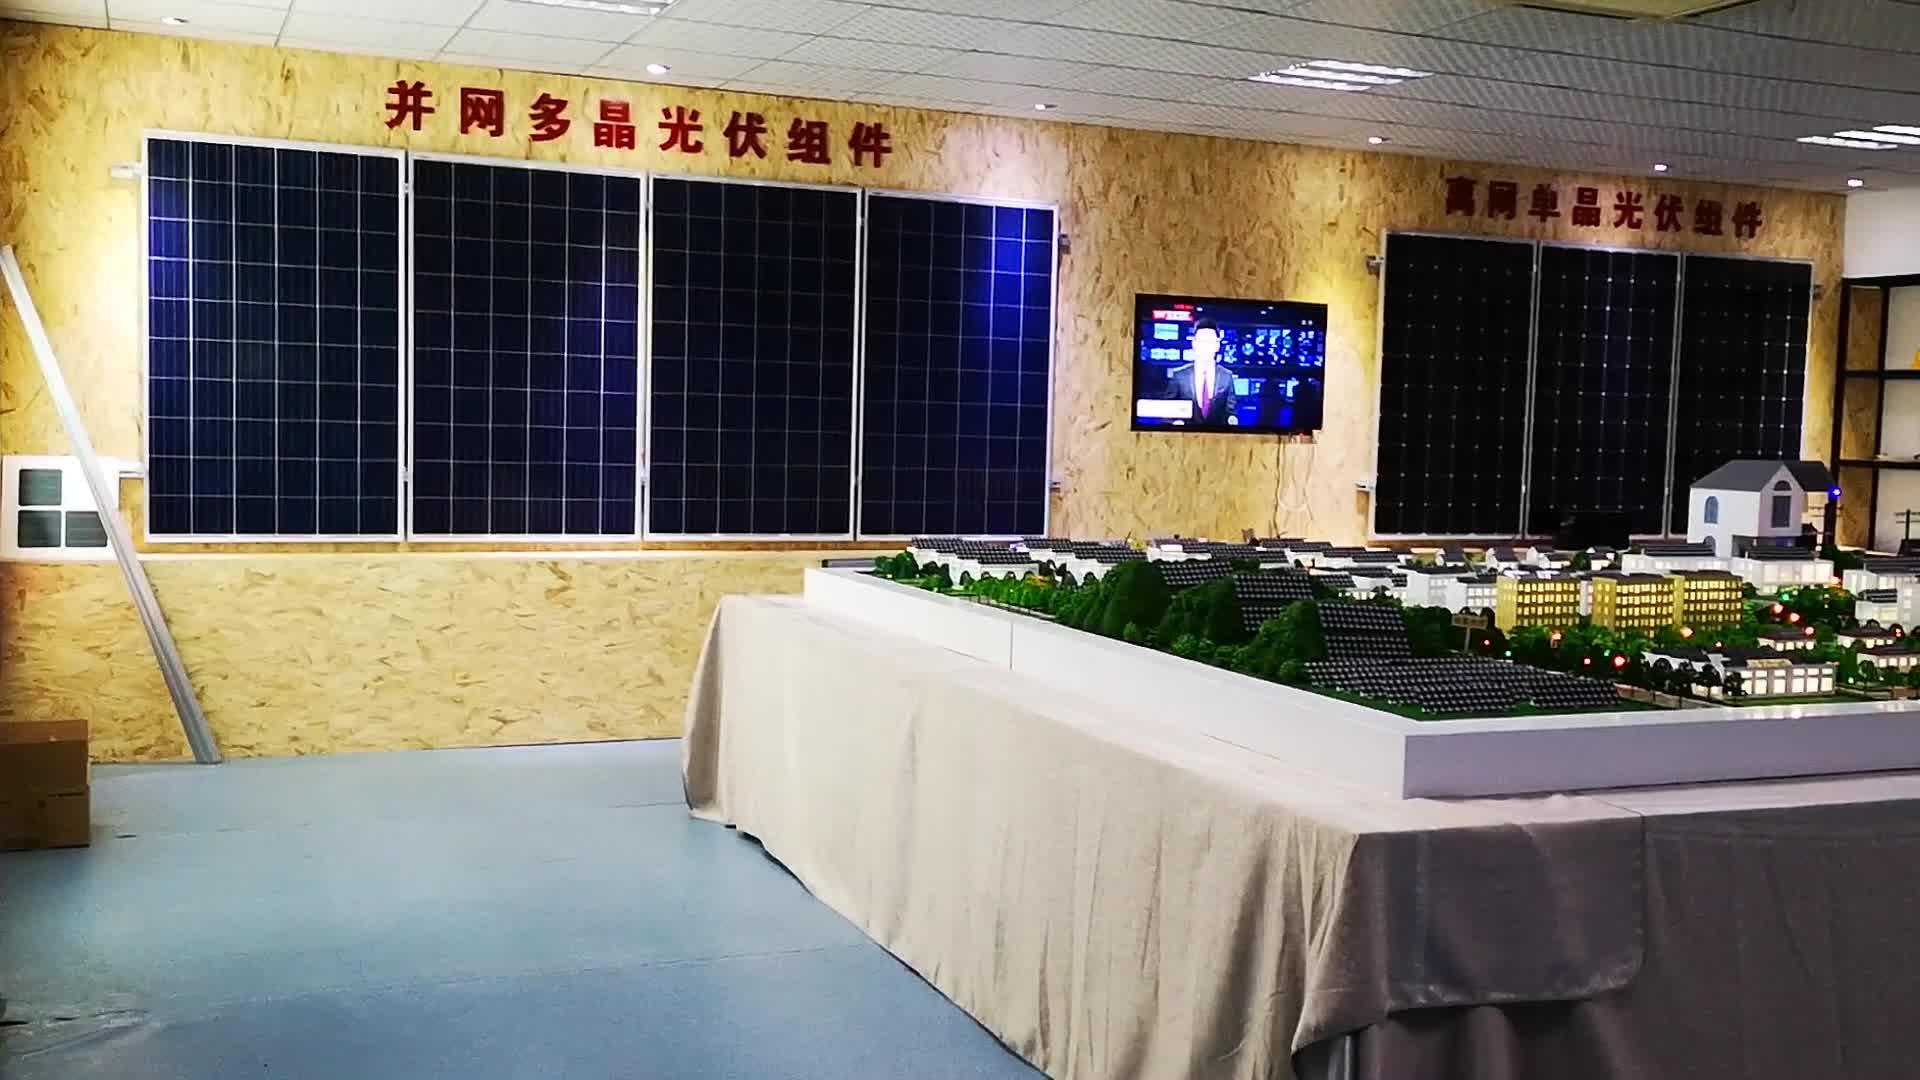 Canadina שמש הטוב ביותר מחיר לואט פנלים סולאריים 100W 200W 300W 12V 24V 48V